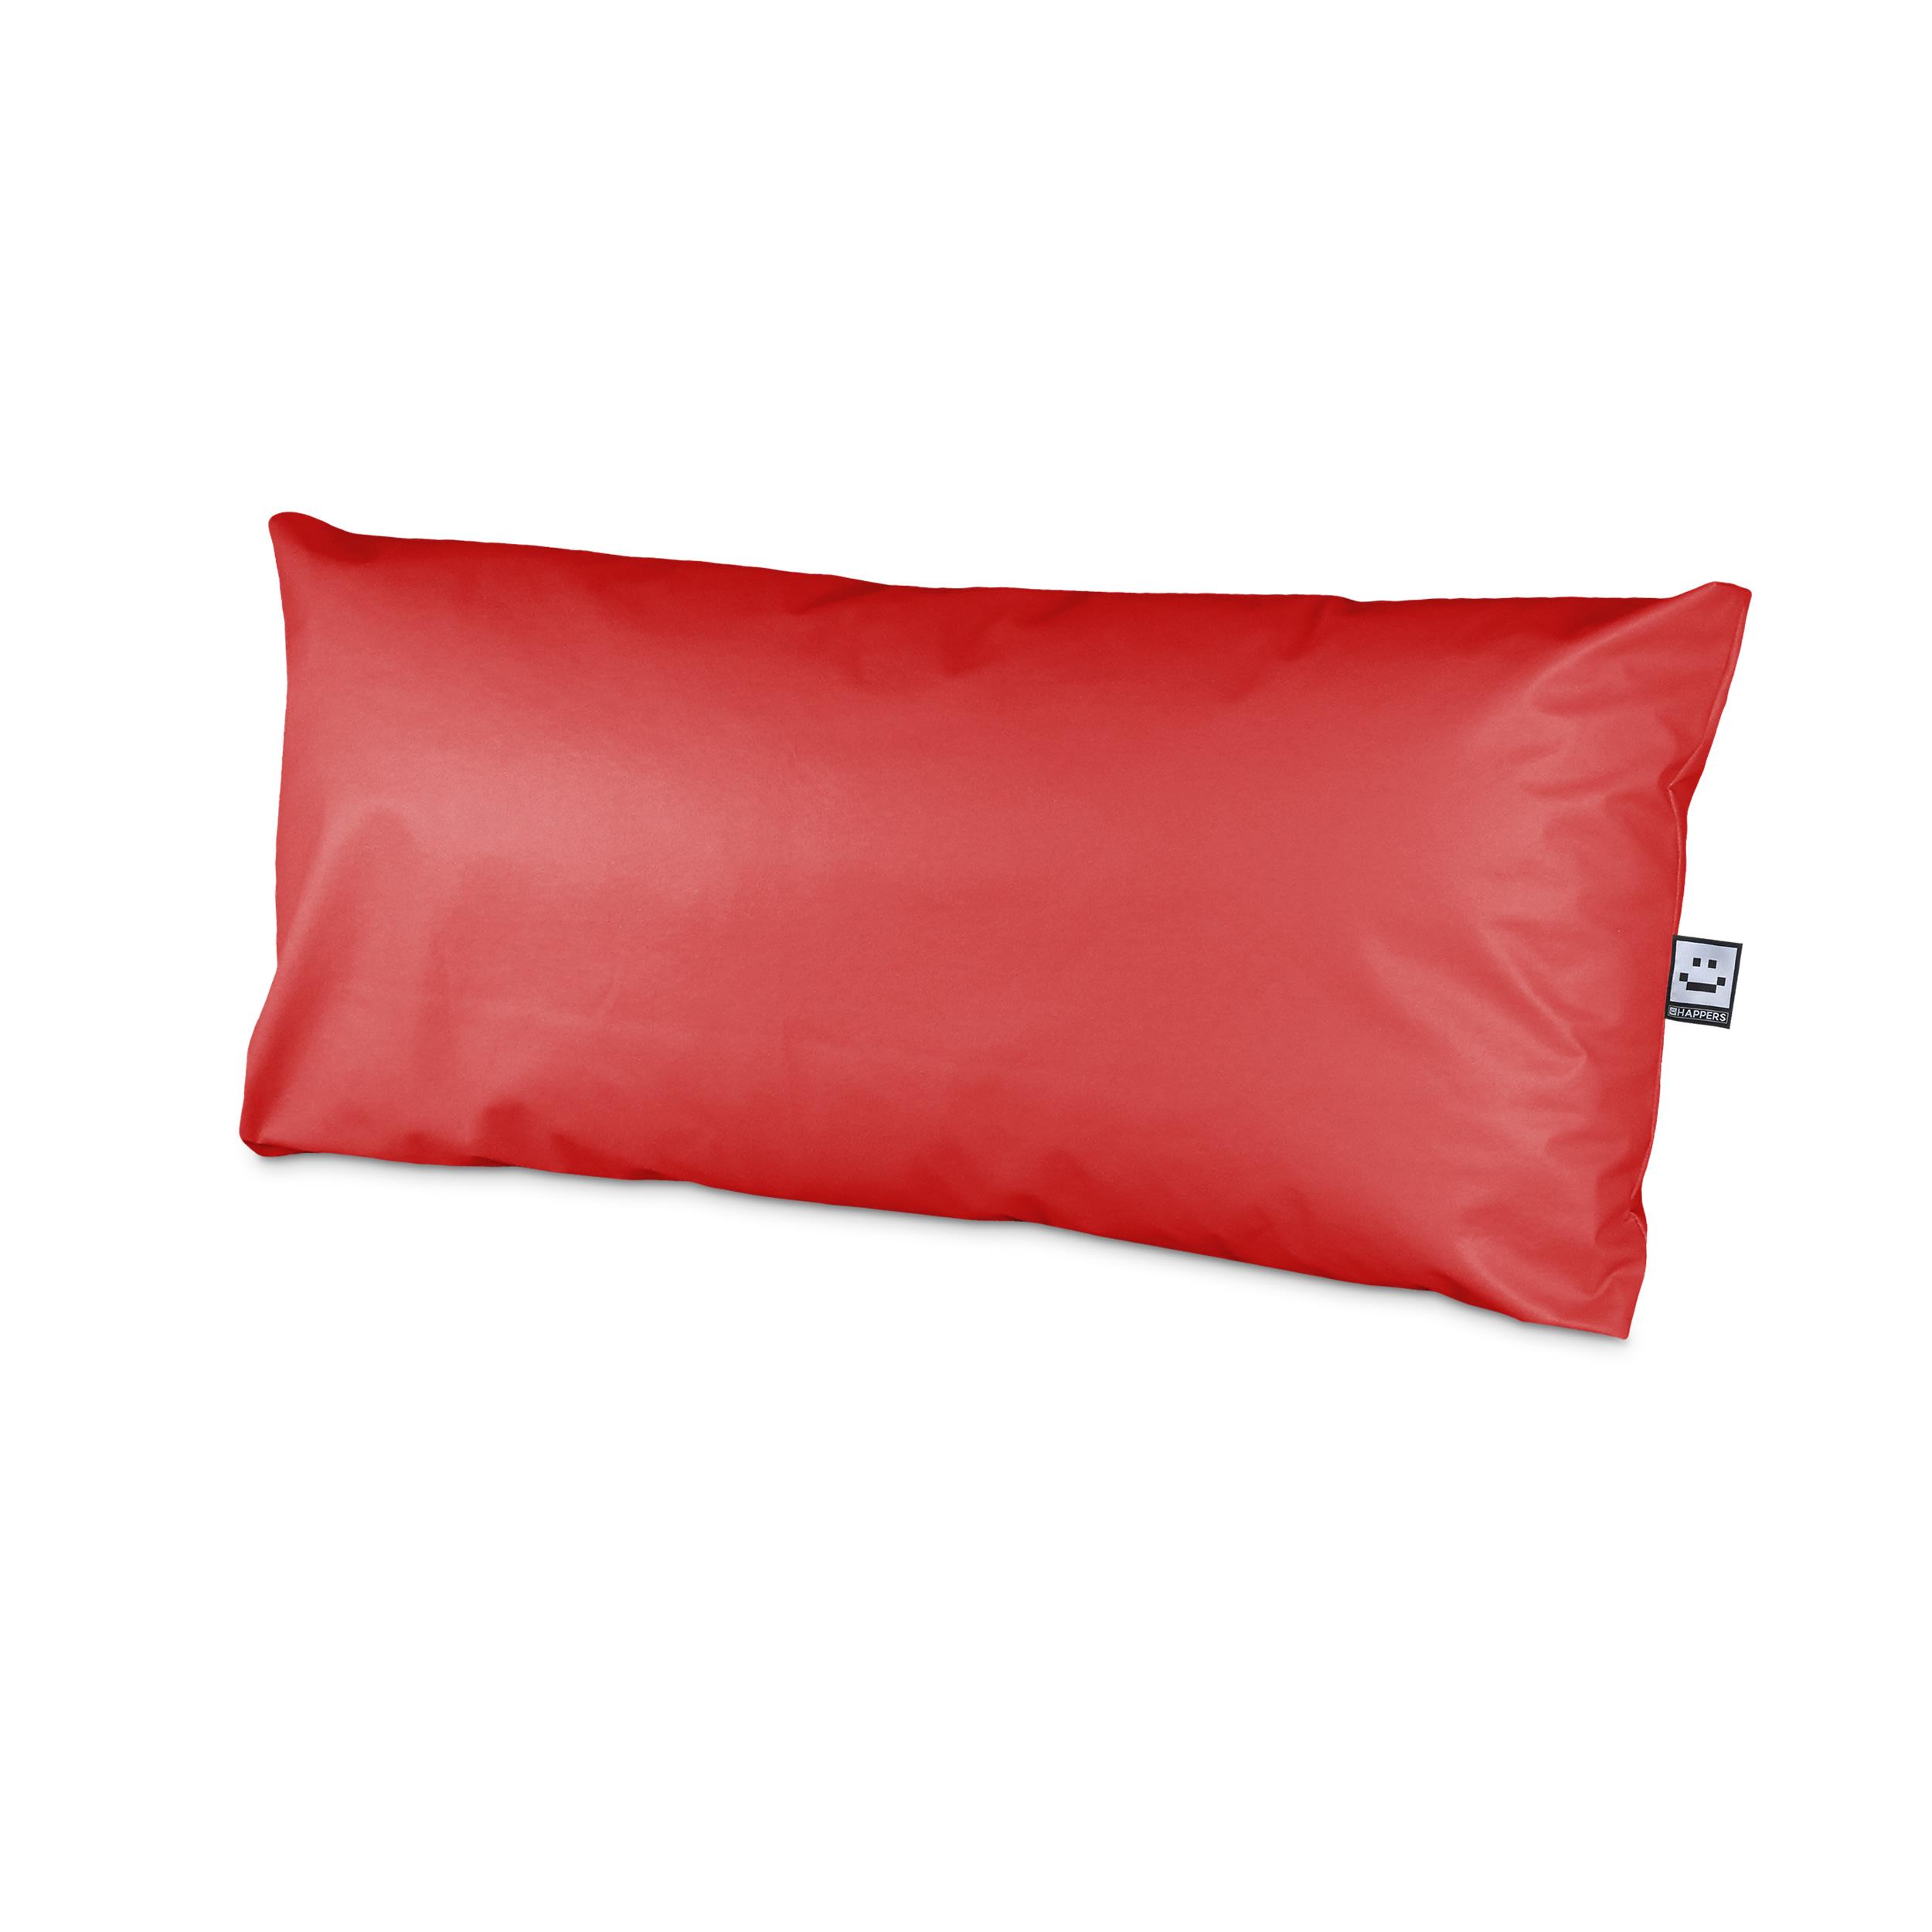 Set de Cojines Impermeables y Desenfundables para Palet en Polipiel Rojo (1)